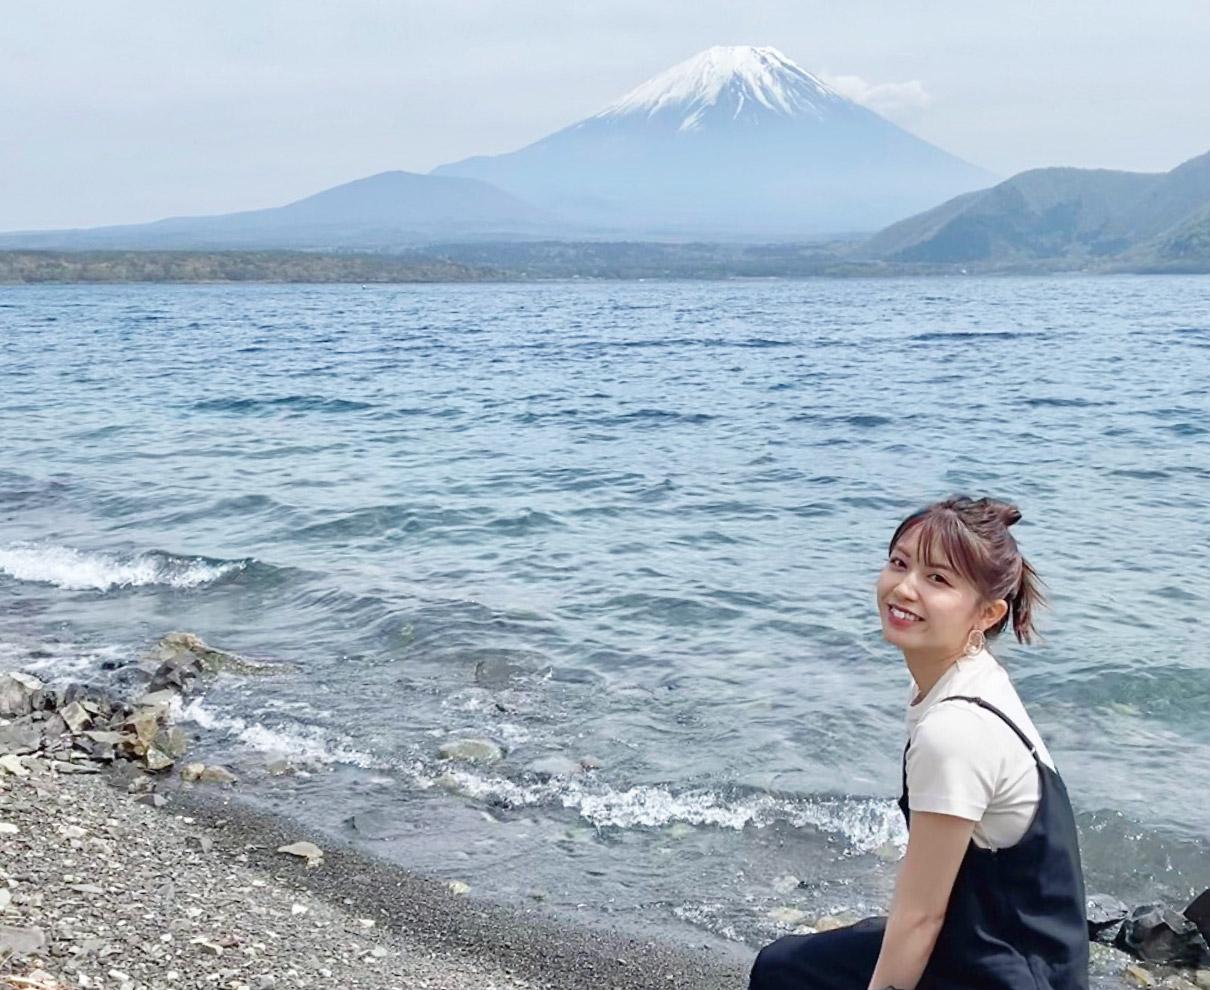 制覇できるのは、まだ先だろうな~。雄大な富士山を麓で楽しんできました!